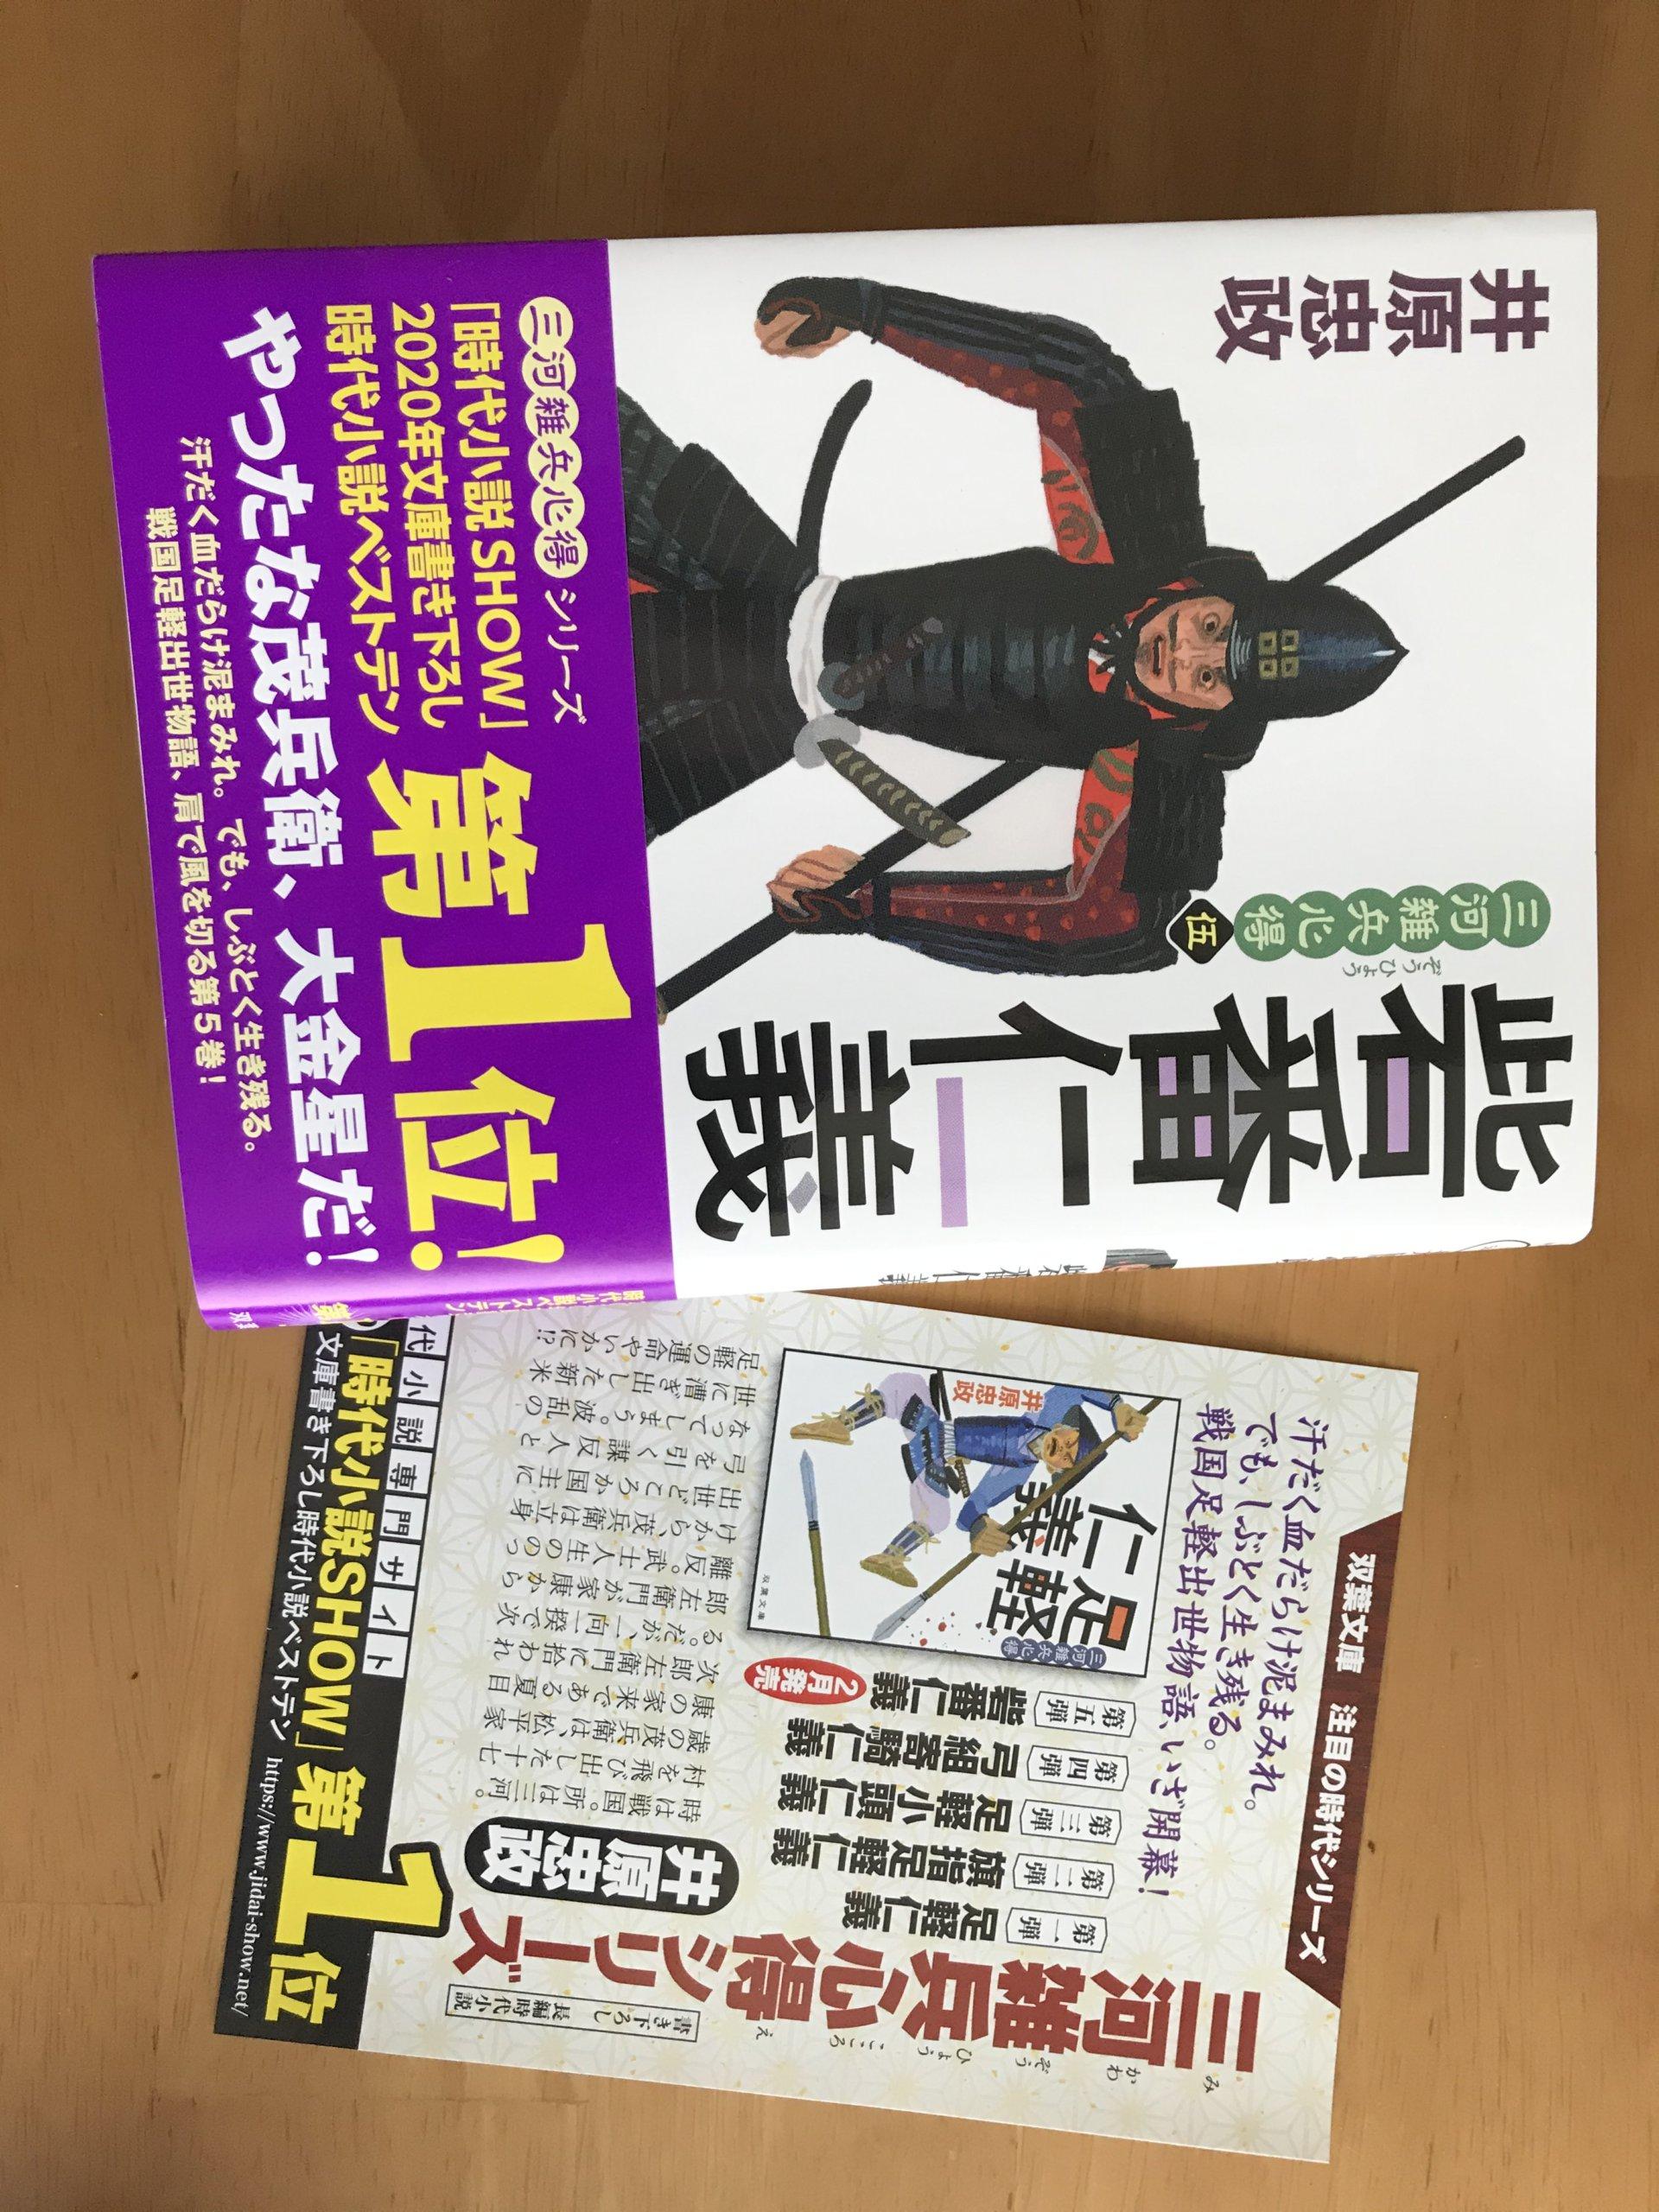 『三河雑兵心得(五) 砦番仁義』とシリーズのキャンペーンチラシ